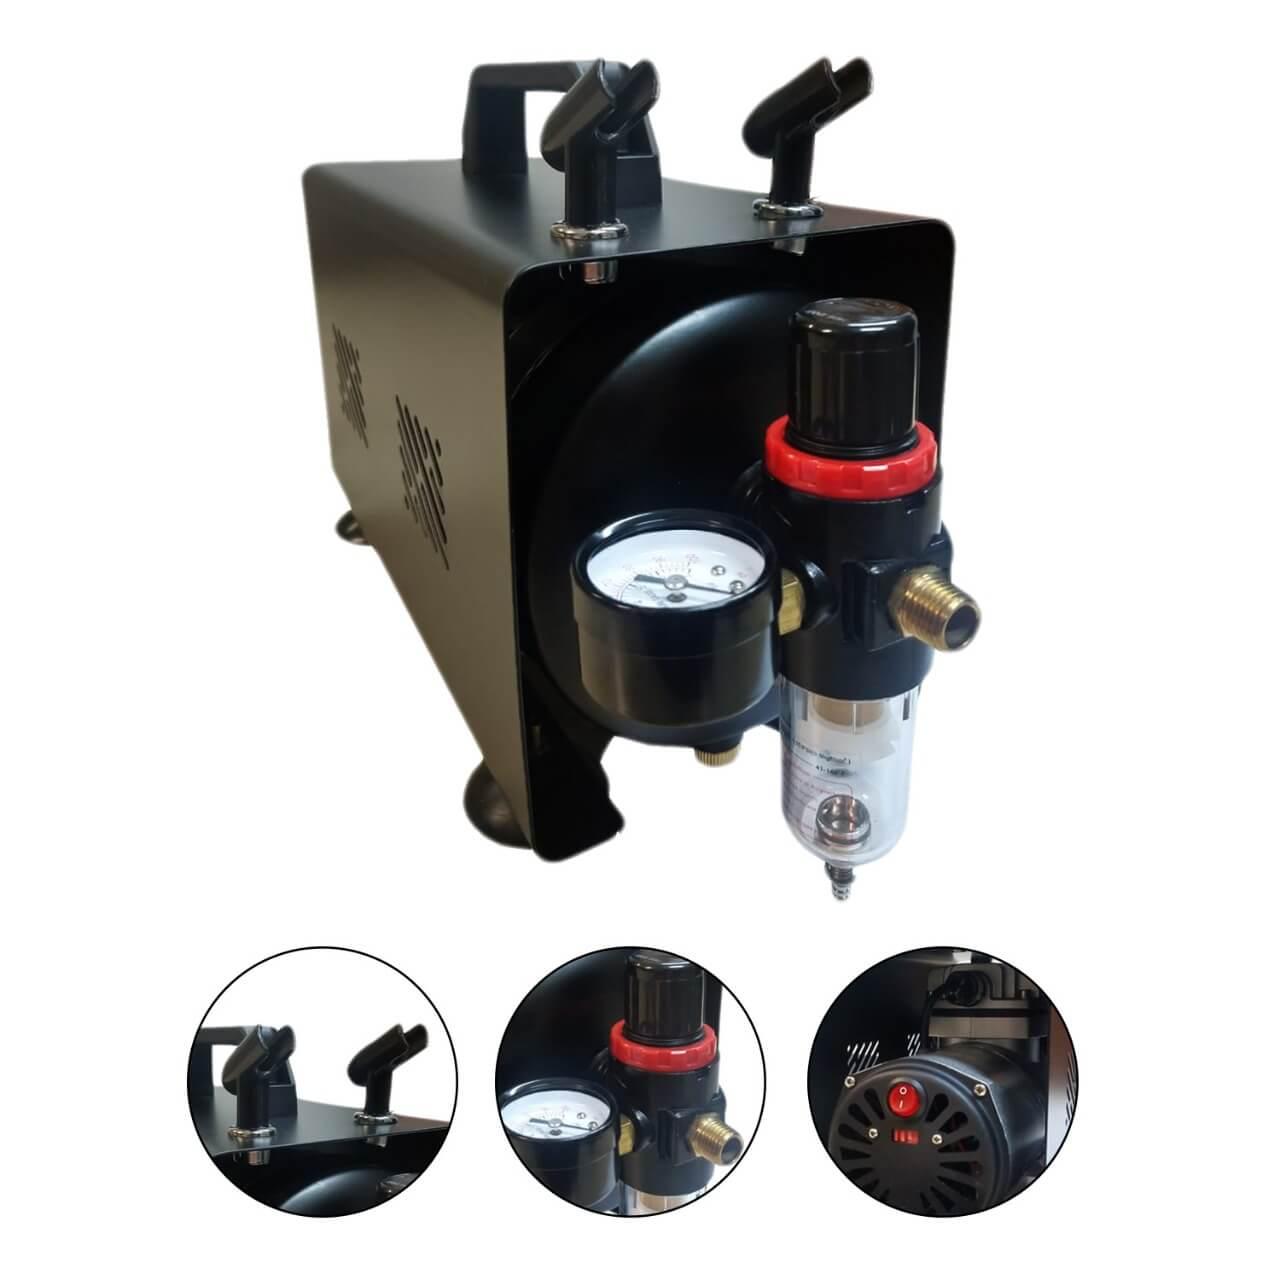 Compressor para Aerografia BIVOLT com Reservatório de 1 Litro